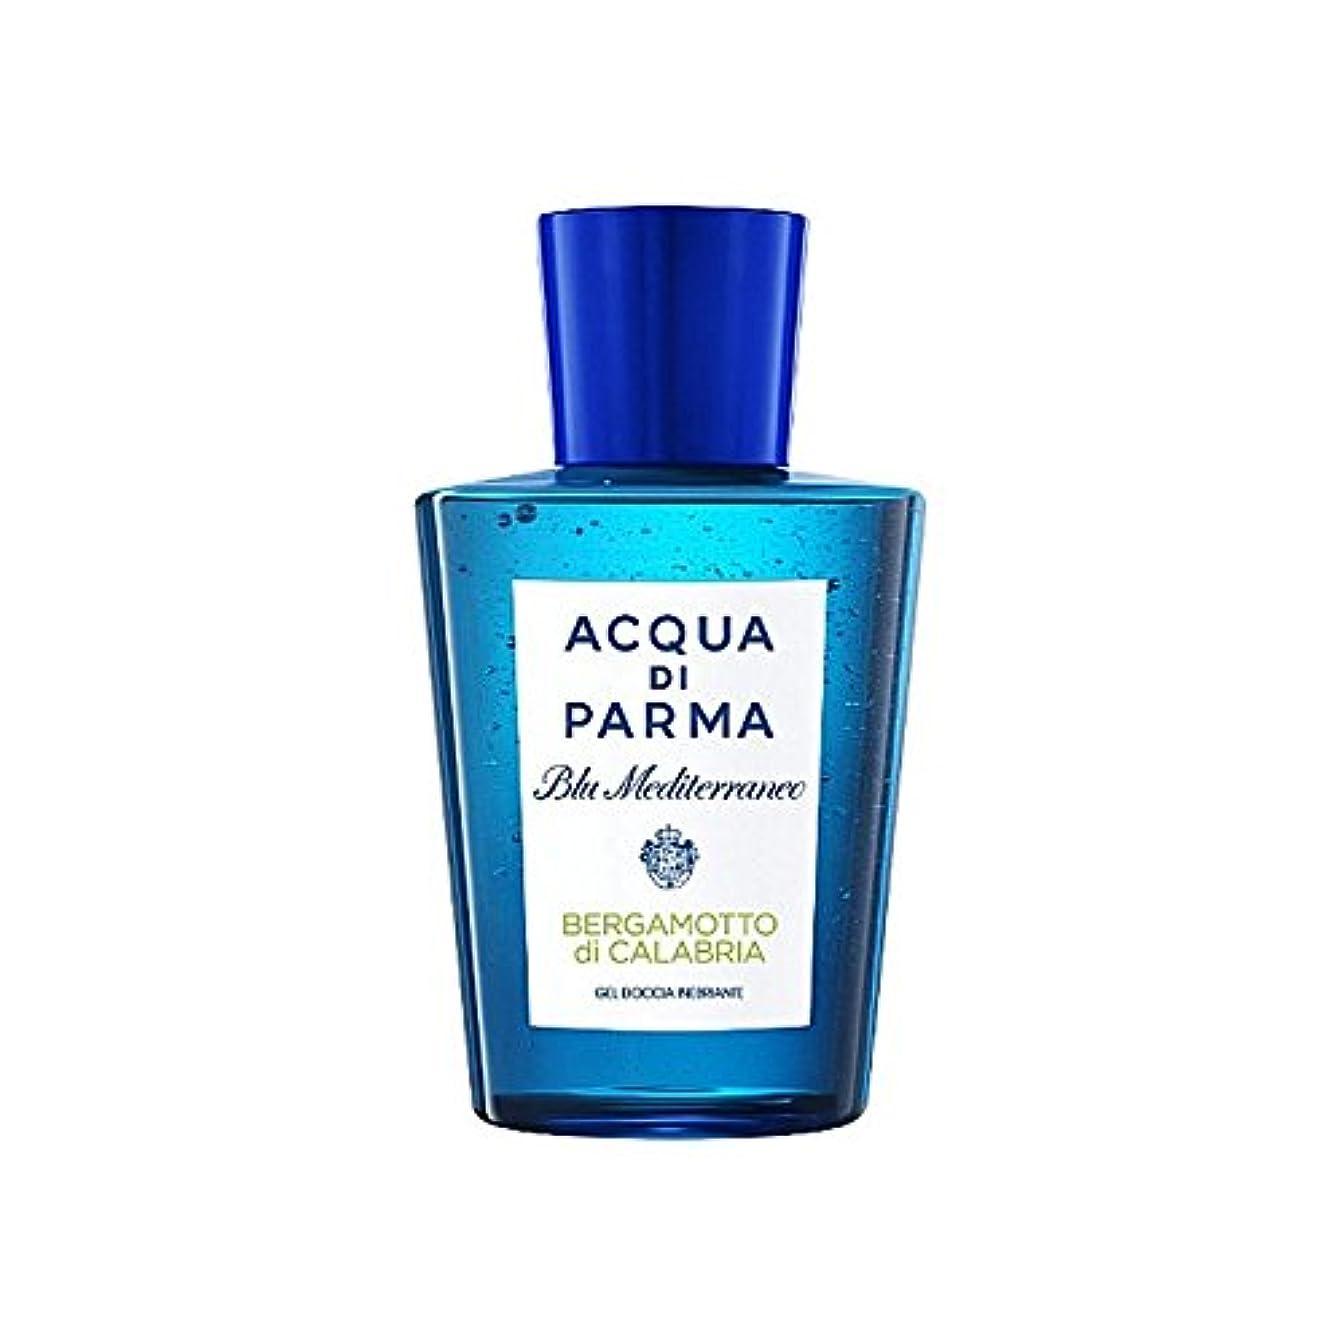 純粋なコーチ美容師Acqua Di Parma Blu Mediterraneo Bergamotto Di Calabria Shower Gel 200ml - アクアディパルマブルーメディのディカラブリアシャワージェル200 [並行輸入品]